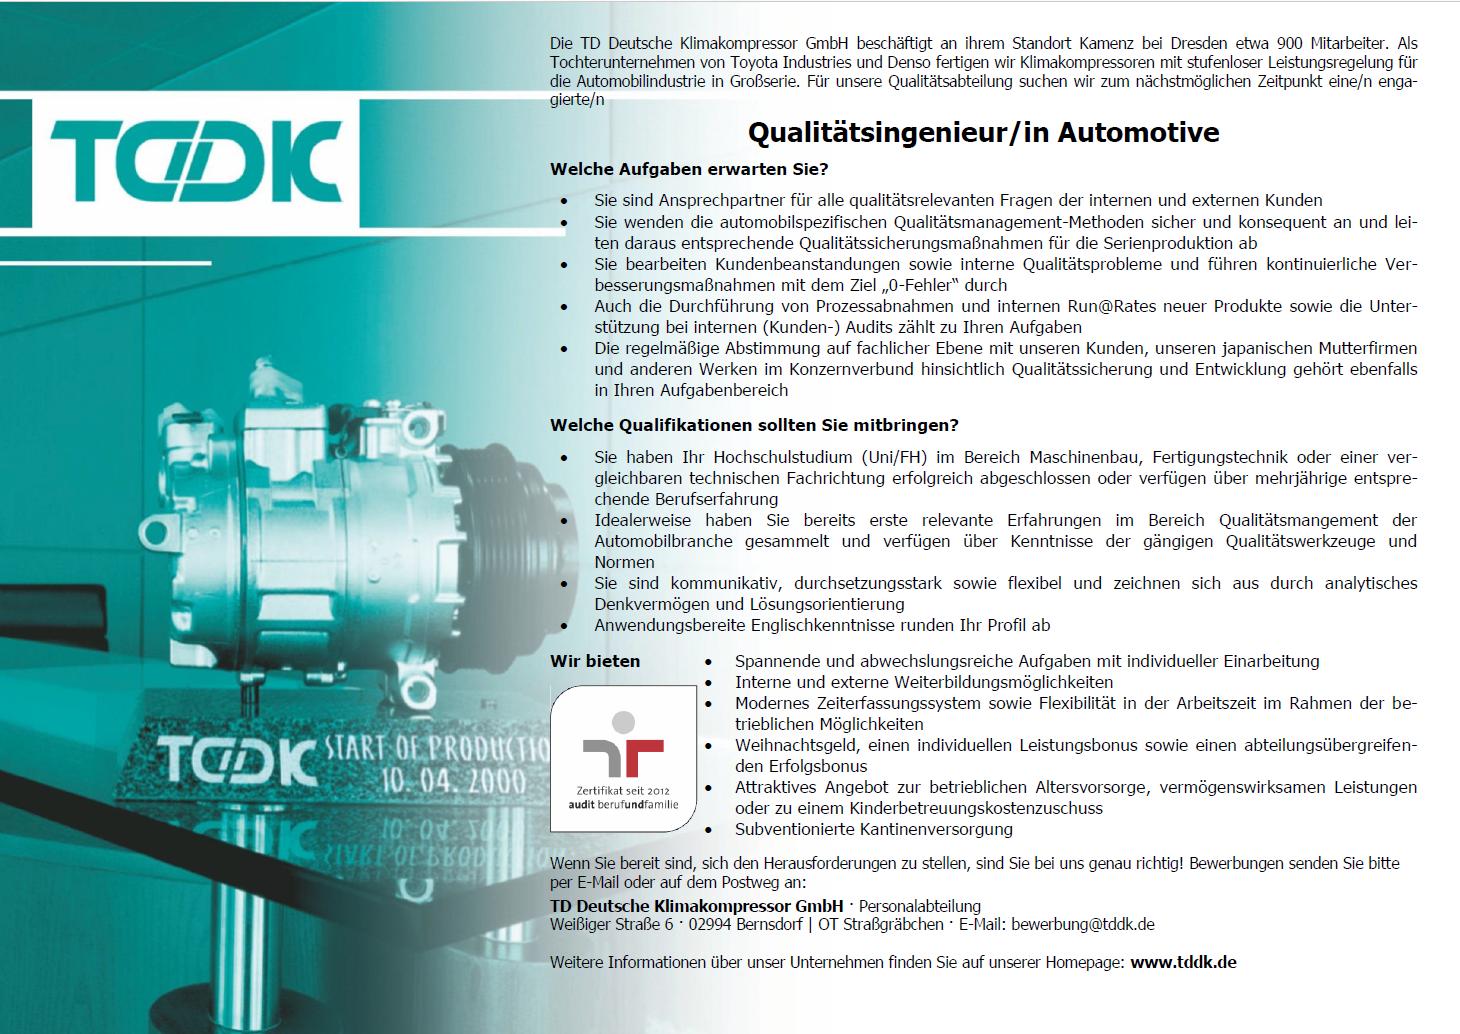 TDDK - Stellenangebote - Qualitätsingenieur/in Automotive